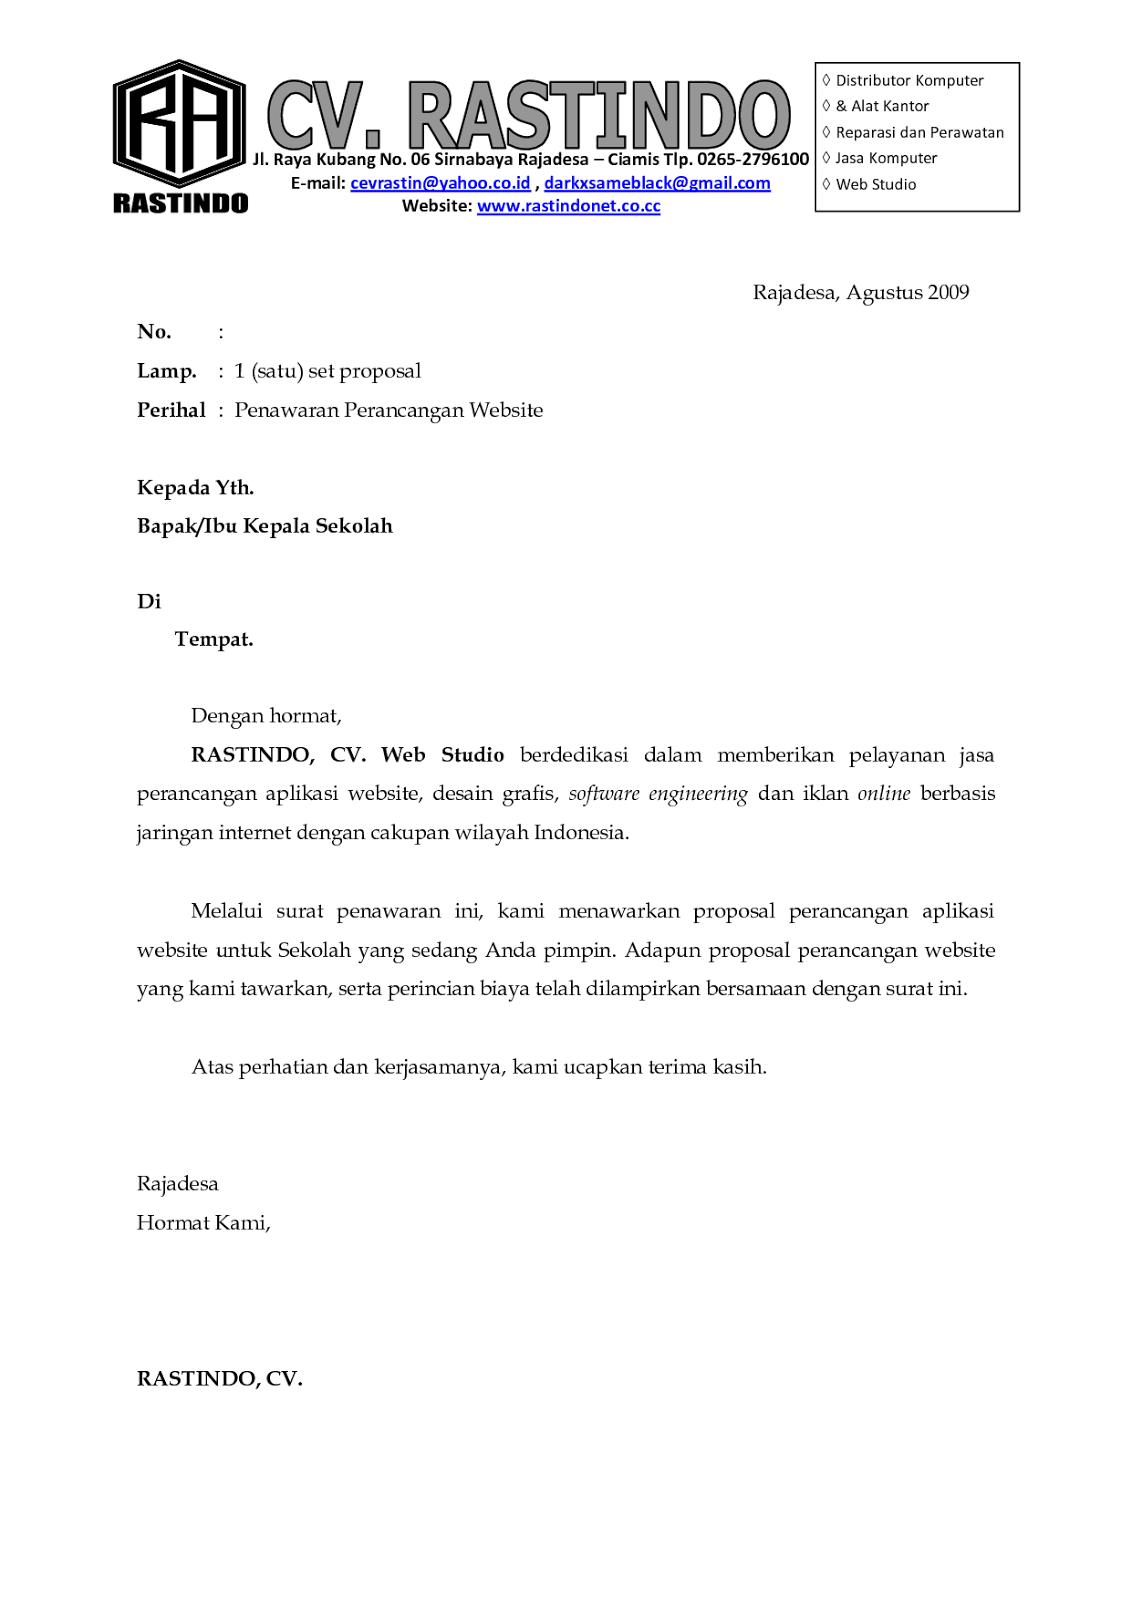 Contoh Surat Pengunduran Diri Dalam Bahasa Inggris Yang  Review